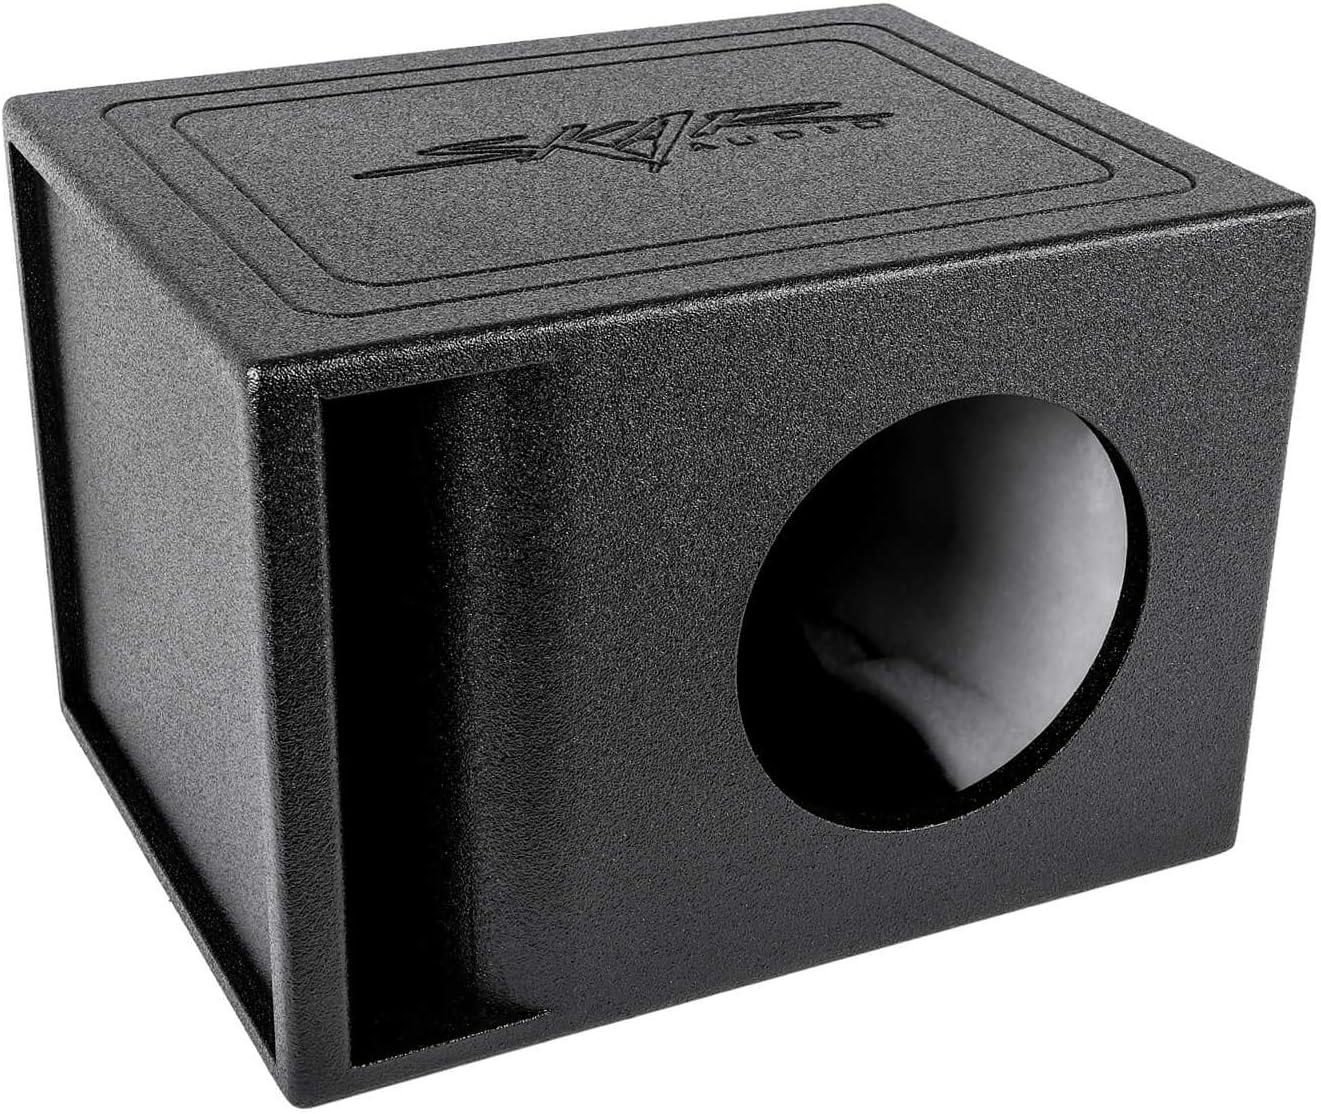 Skar Audio SK1X10V Single 10 Universal Fit Ported Subwoofer Enclosure